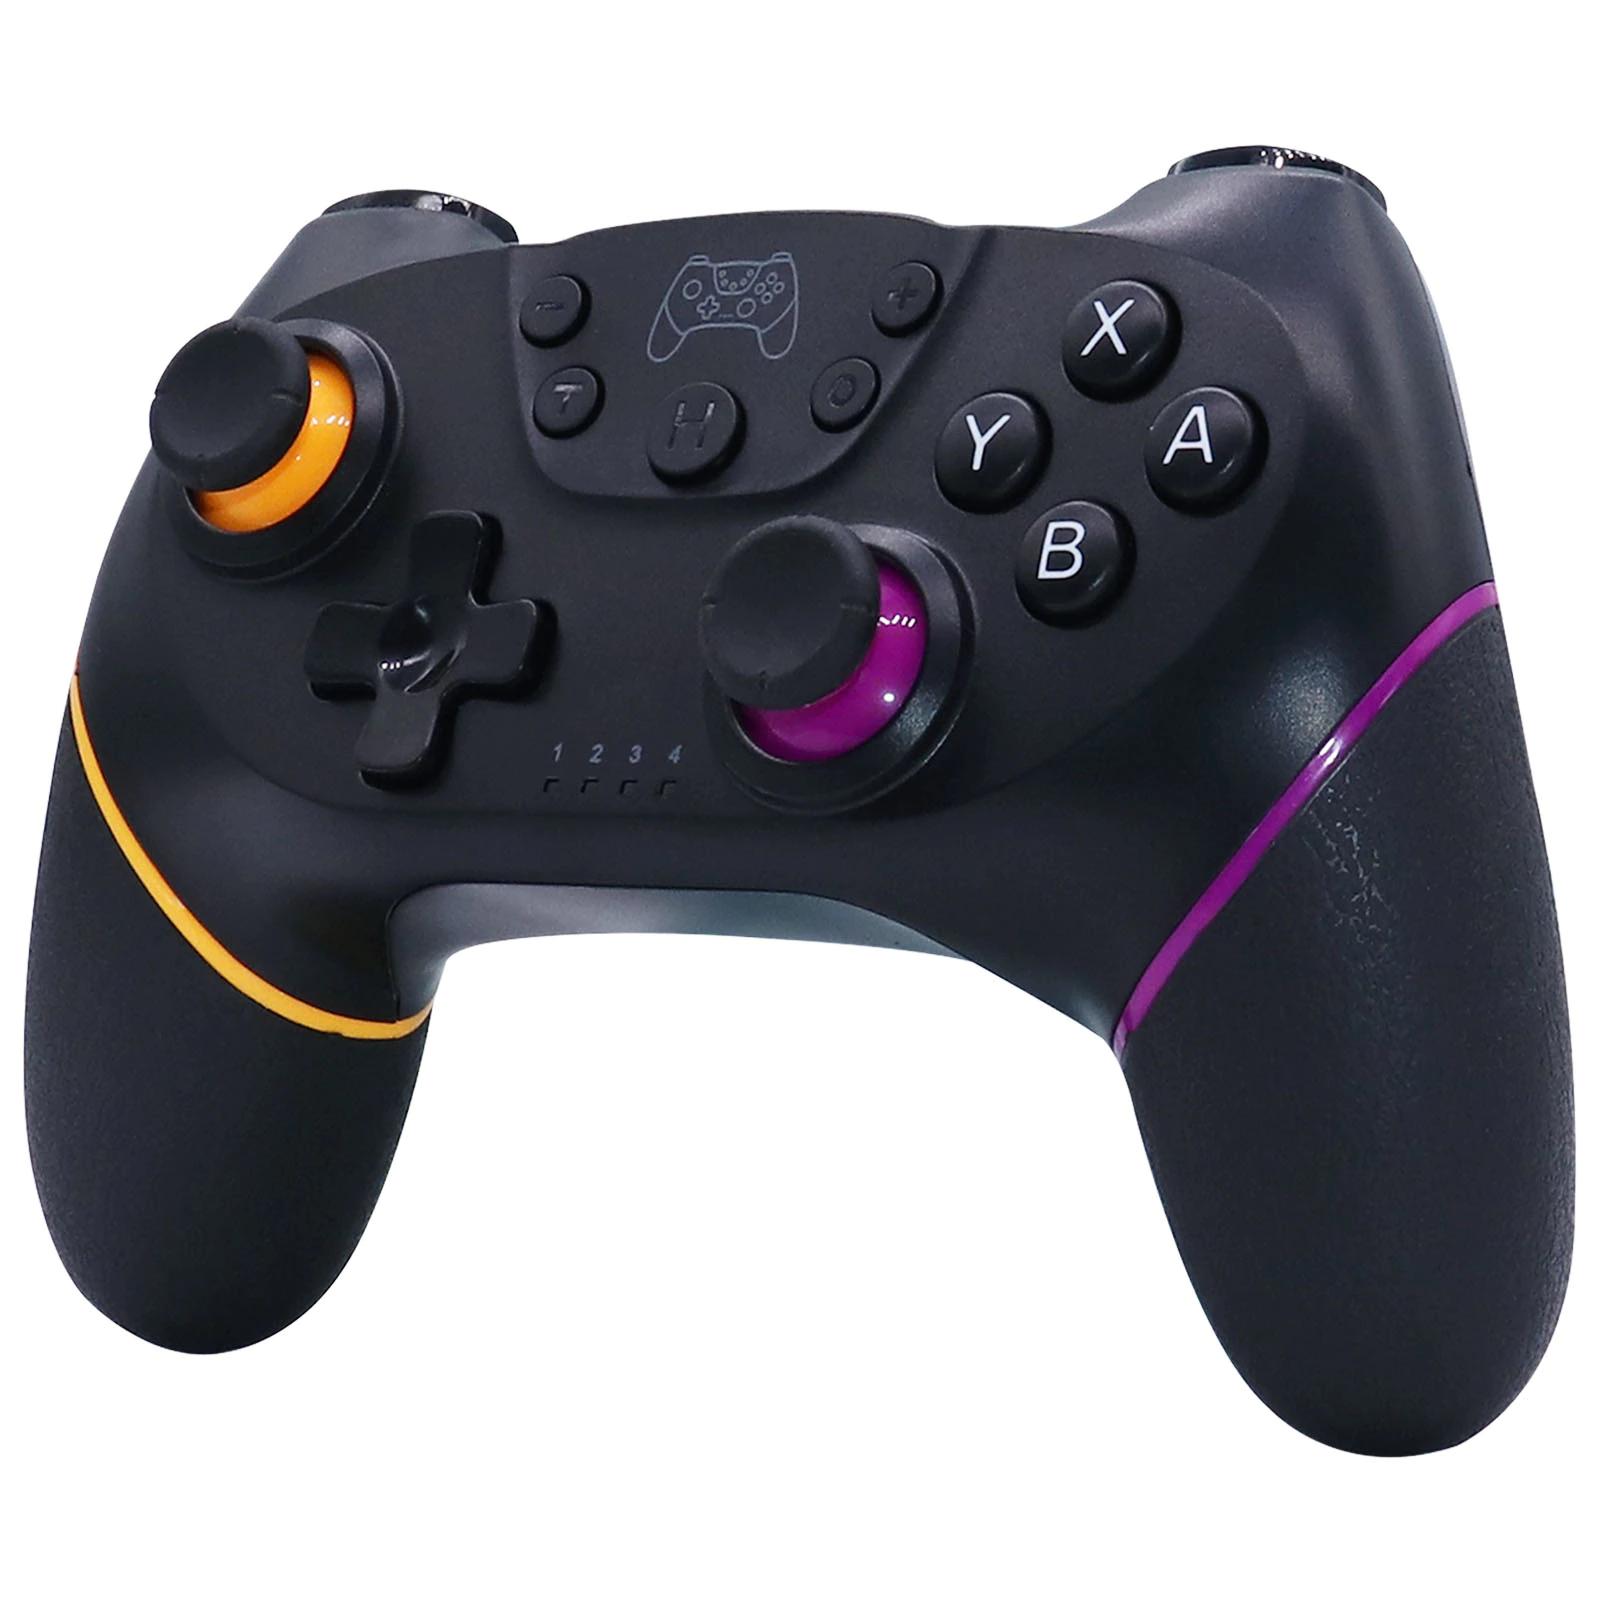 Mando inalámbrico con interruptor de Switch NS, USB, para videojuegos,con palanca de mandos Pro, 5 colores